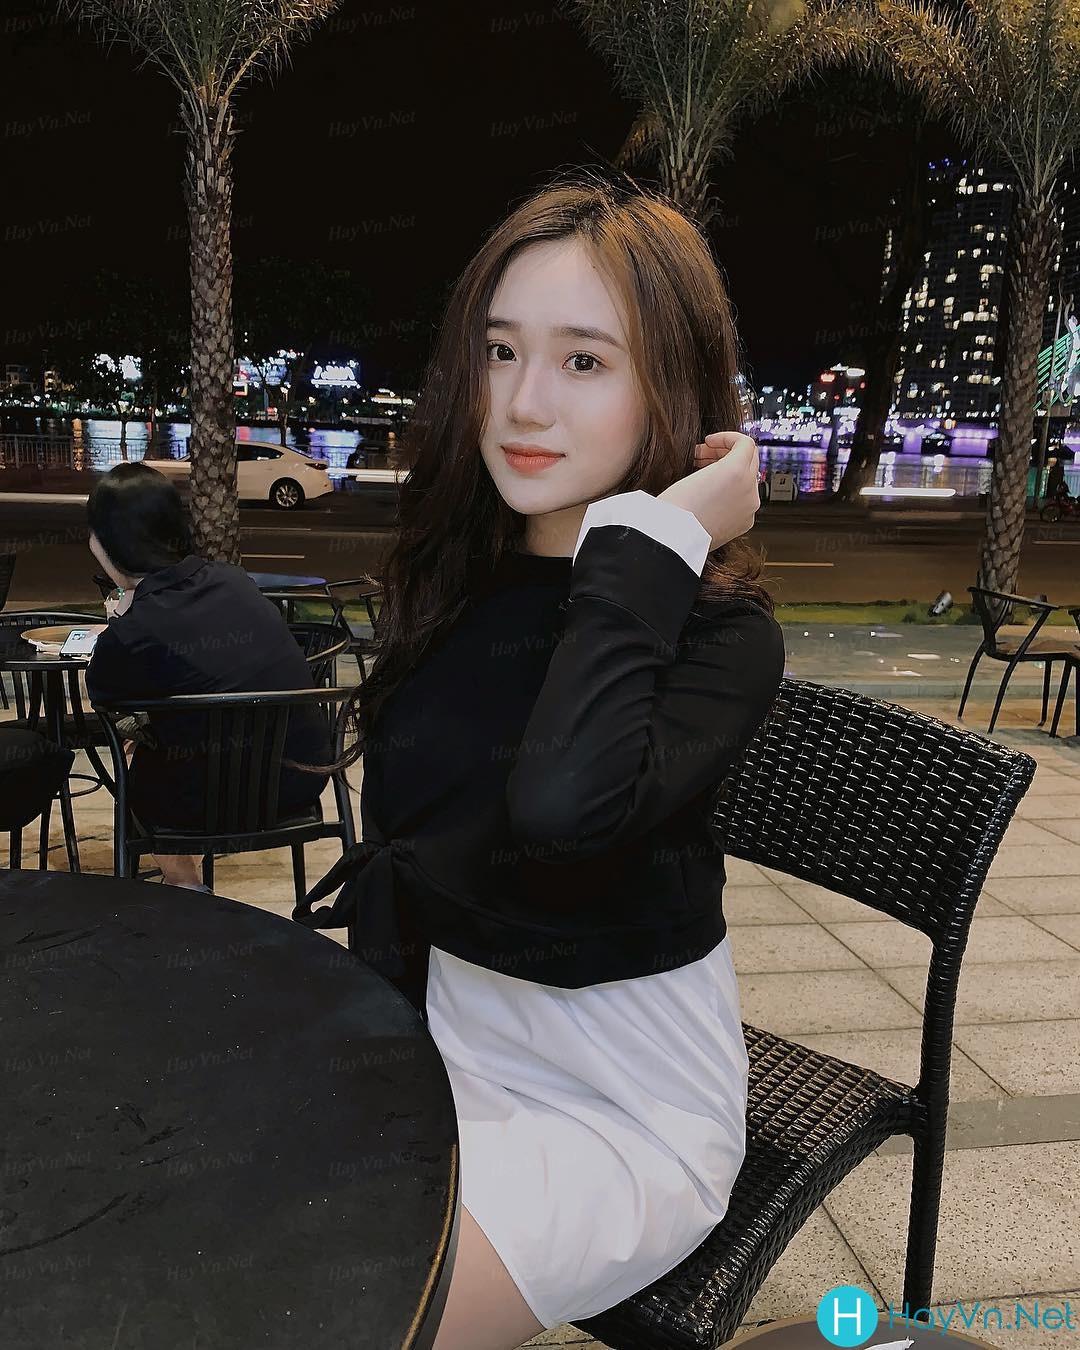 Model Hồng Vân | E-CUP